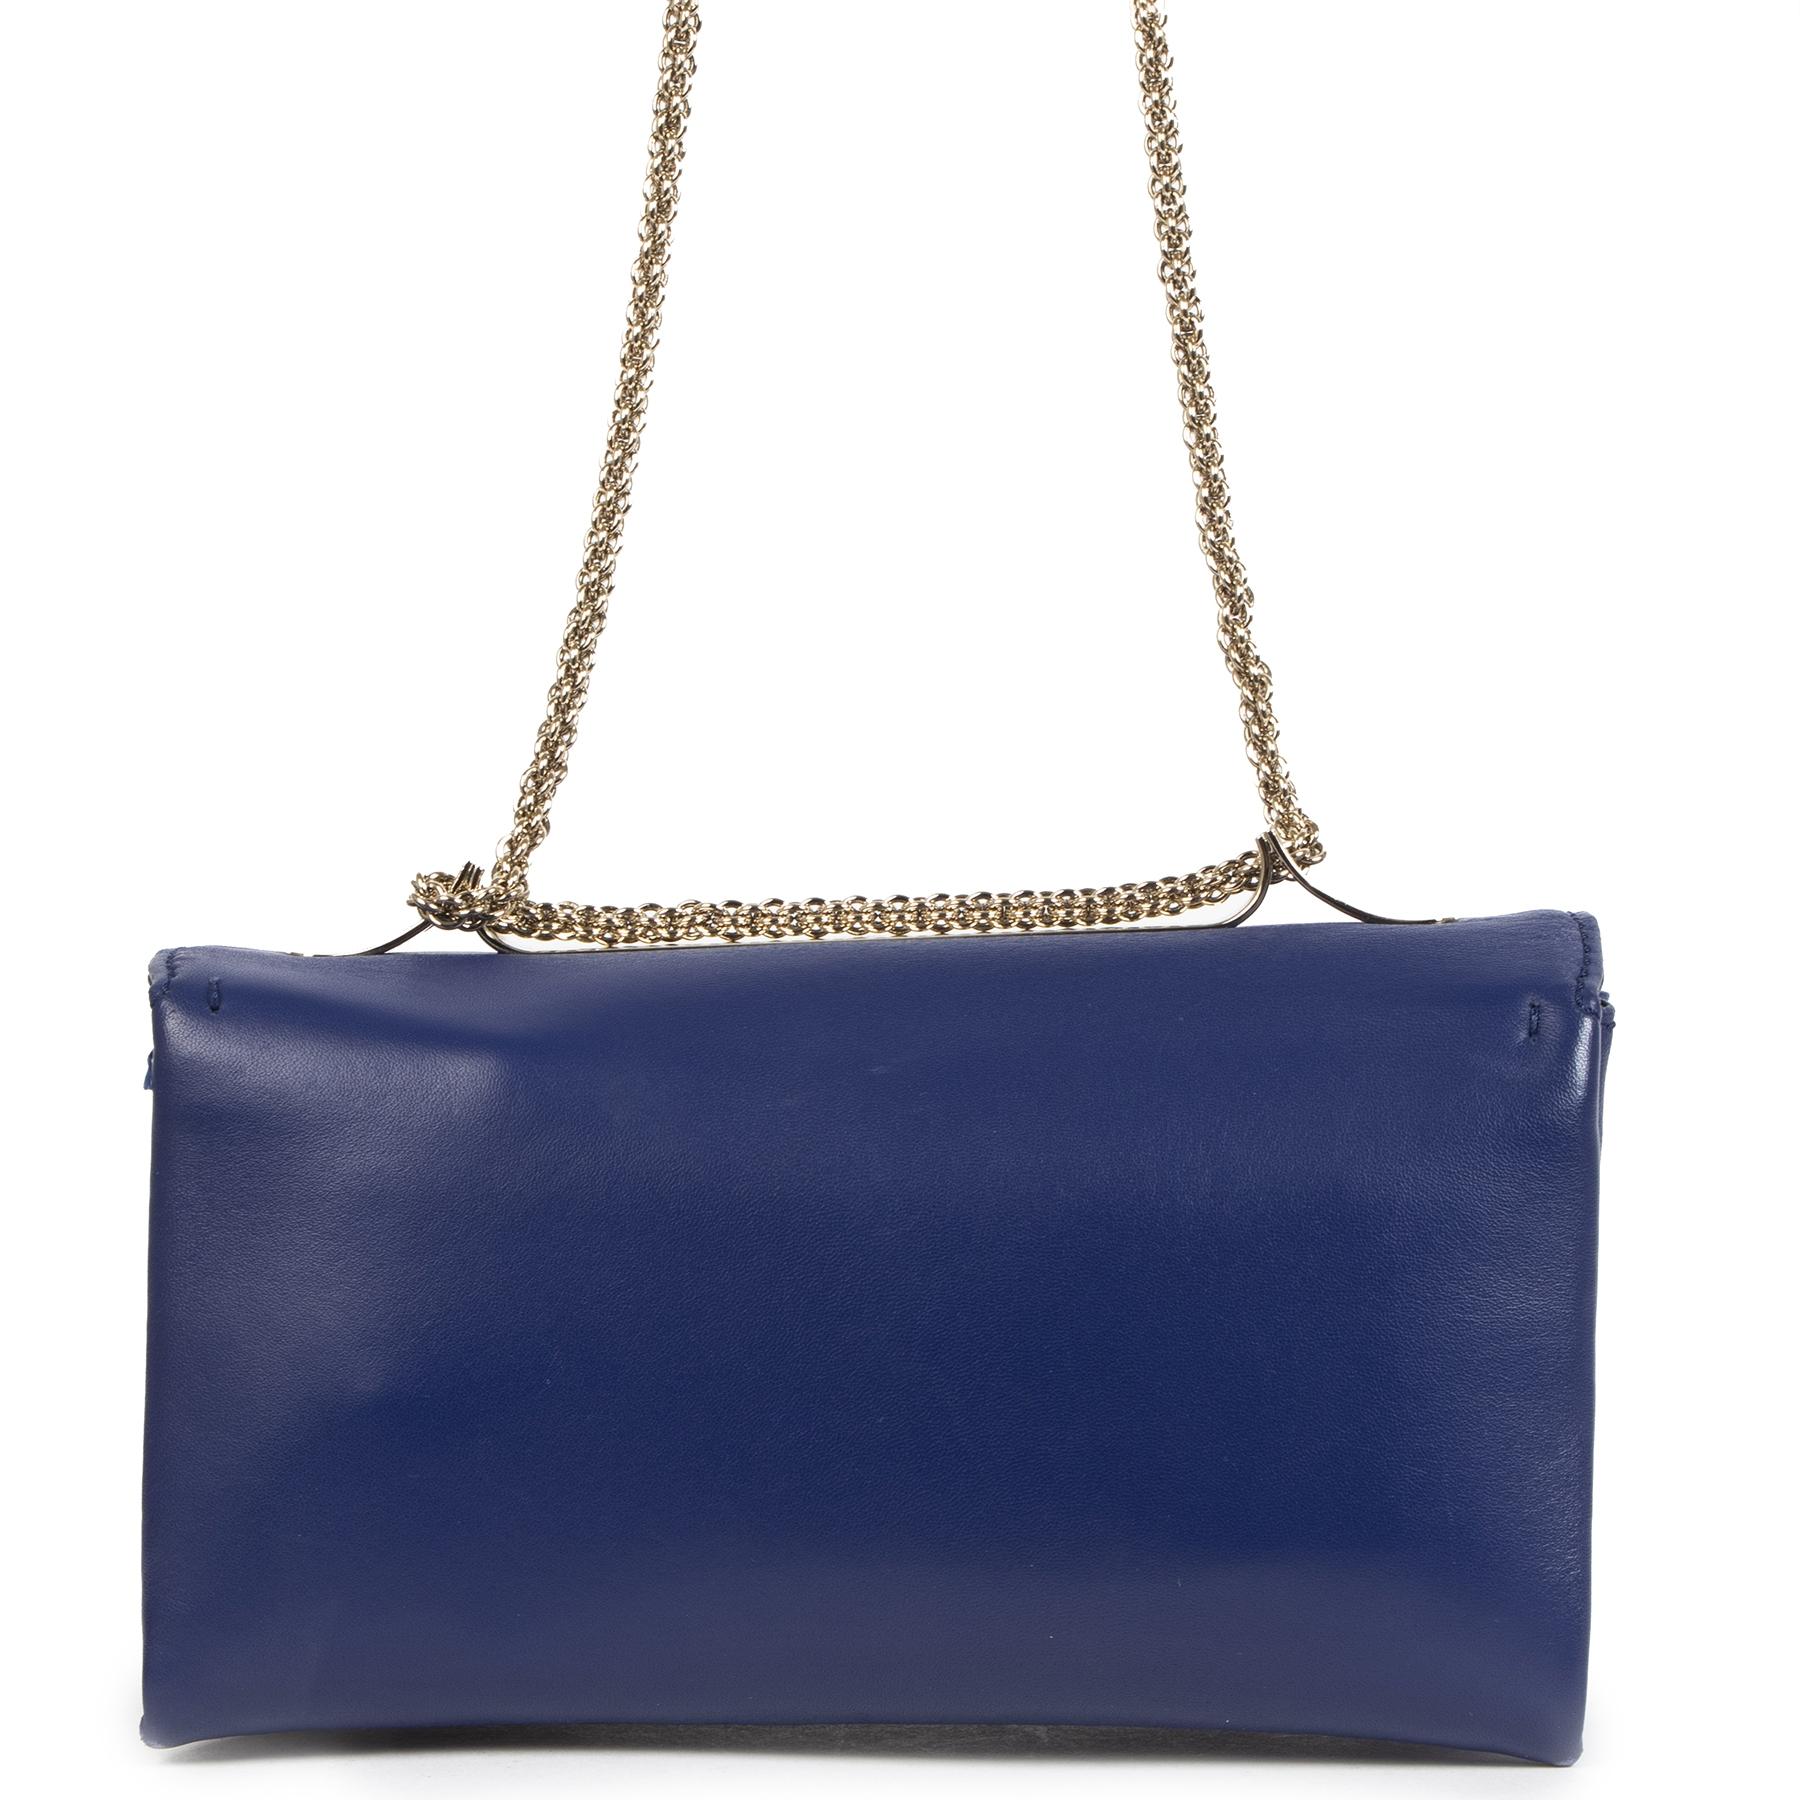 Authentieke Tweedehands Valentino Cobalt Blue Leather Studded Bag juiste prijs veilig online shoppen luxe merken webshop winkelen Antwerpen België mode fashion